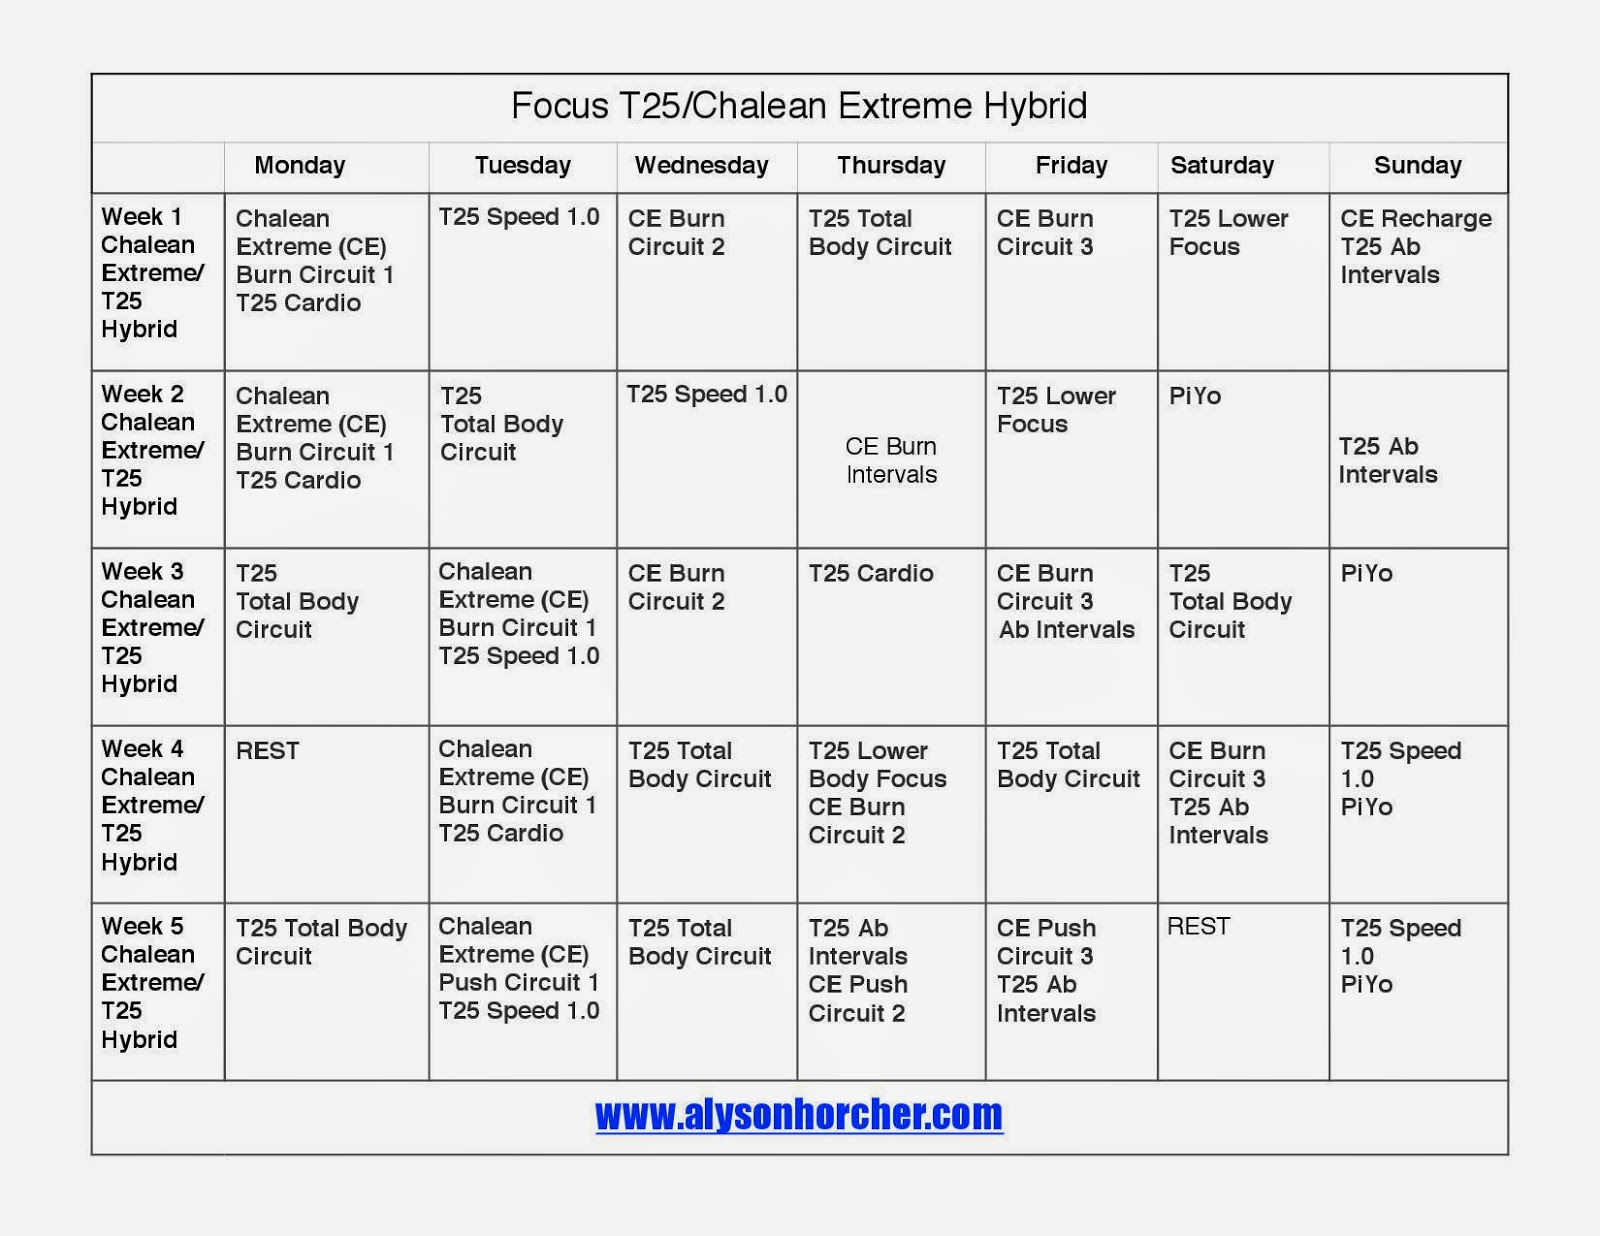 www.alysonhorcher.com, Focus T25, Chalean Extreme, T25/Chalean Extreme hybrid, women's progress update, T25/Chalean Extreme progress update, T25/Chalean Extreme Hybrid schedule, Chalean Extreme/T25 hybrid schedule